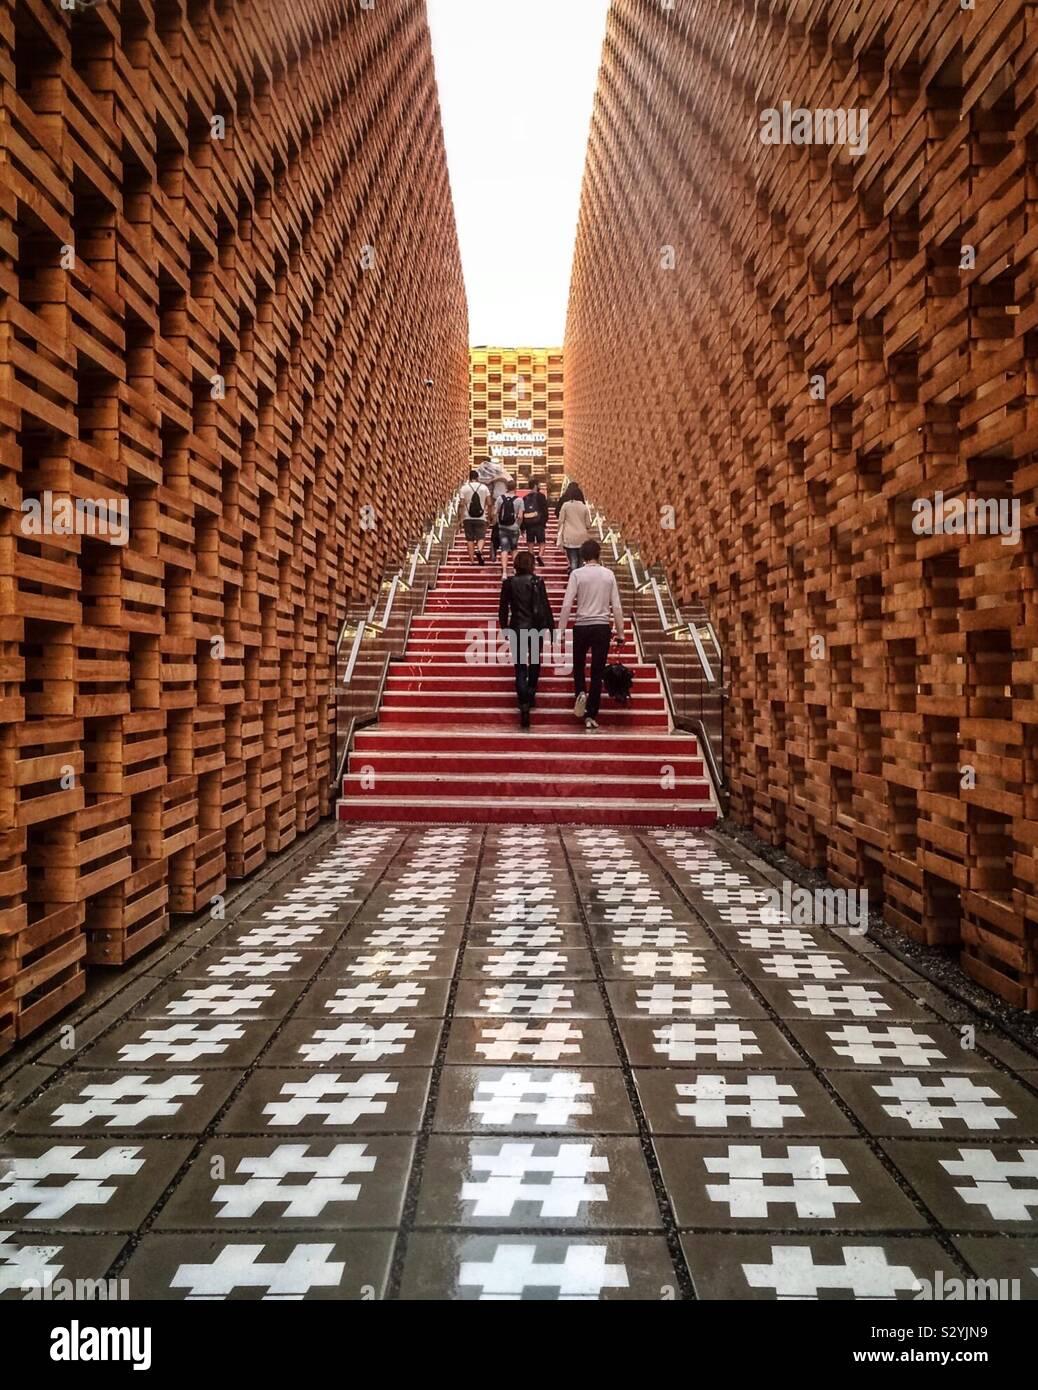 La gente a camminare su una scala tra le pareti in mattoni e un hashtag-pavimento a tema Foto Stock